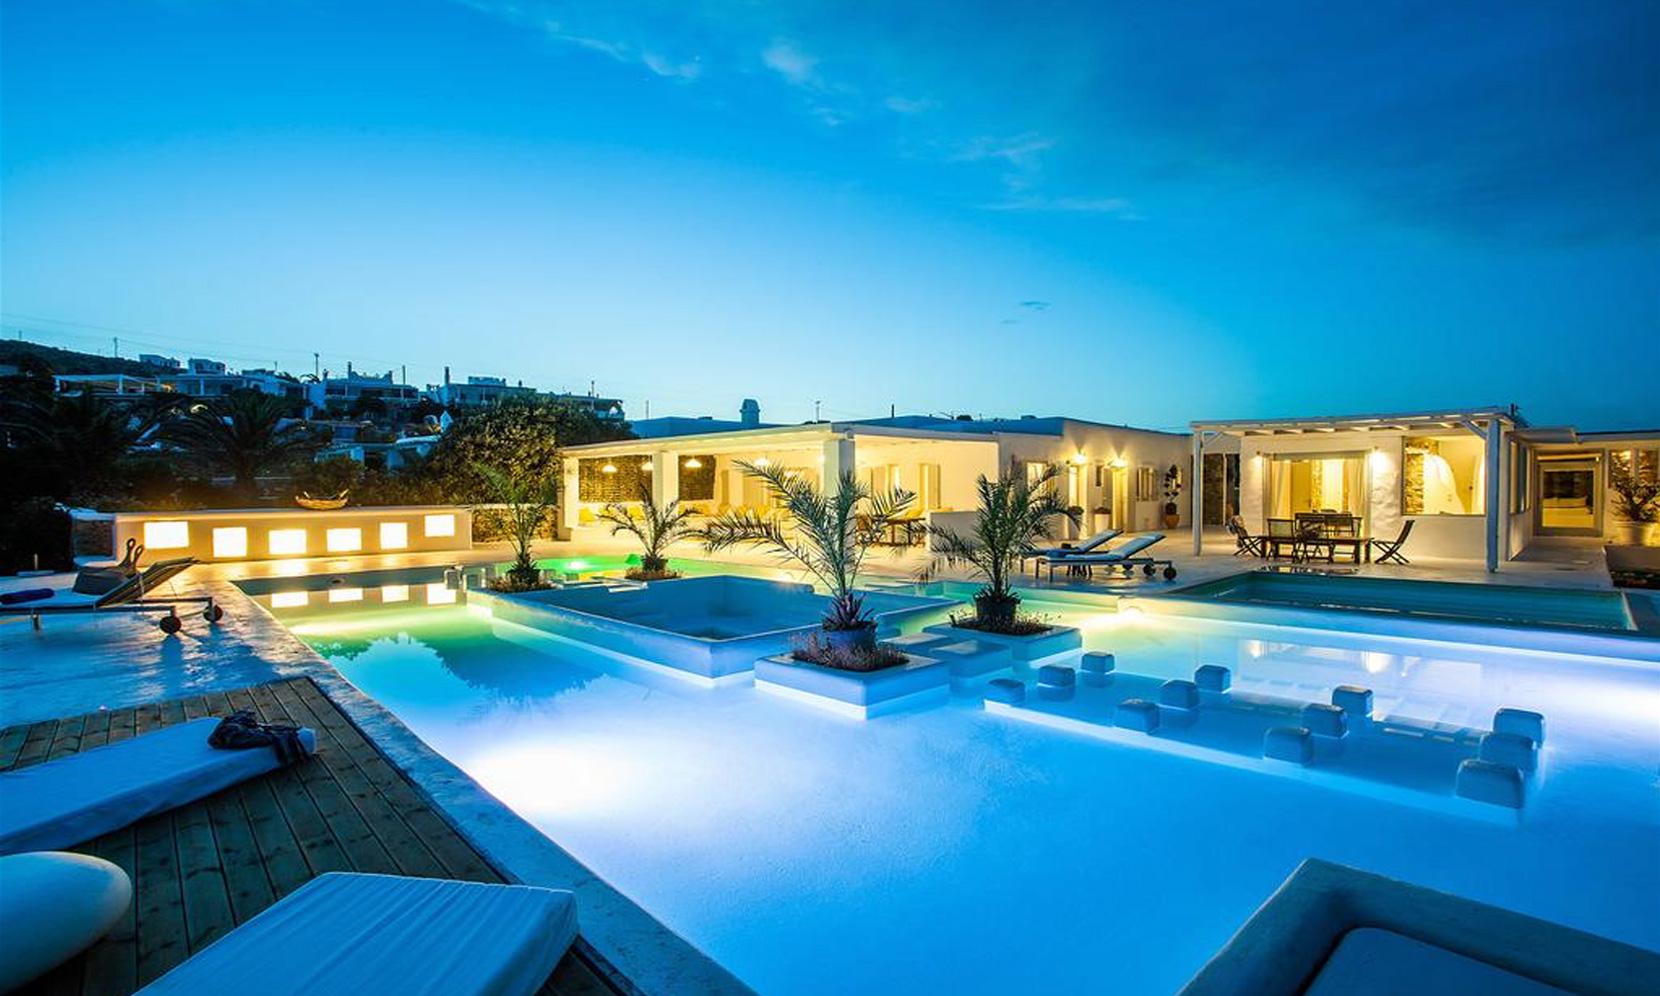 Mykonos Villa Amvrosia jumbotron image